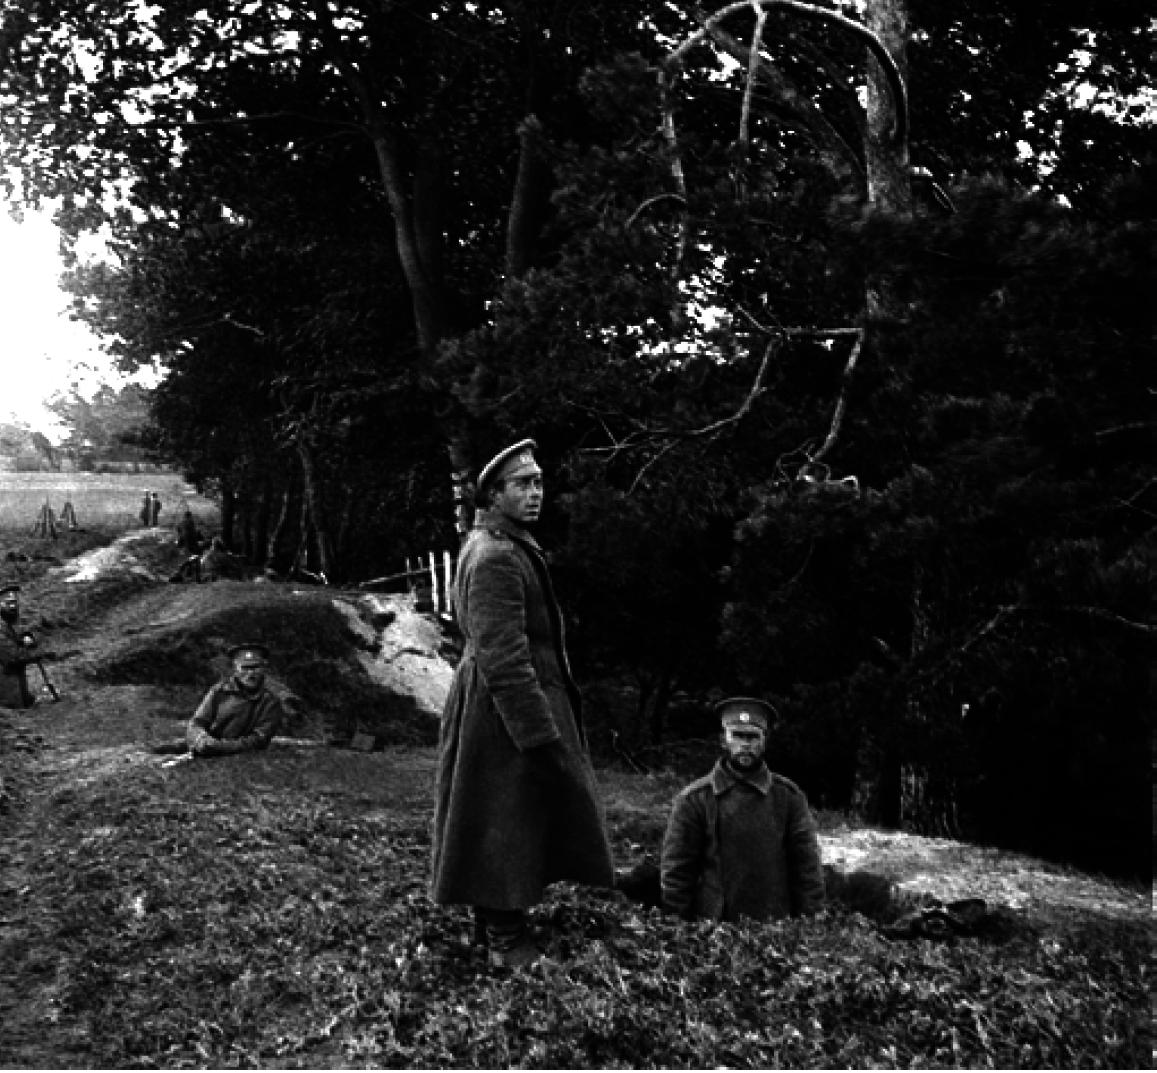 16. 914. Солдаты роют окопы напротив города Ниско у реки Сан. Галиция